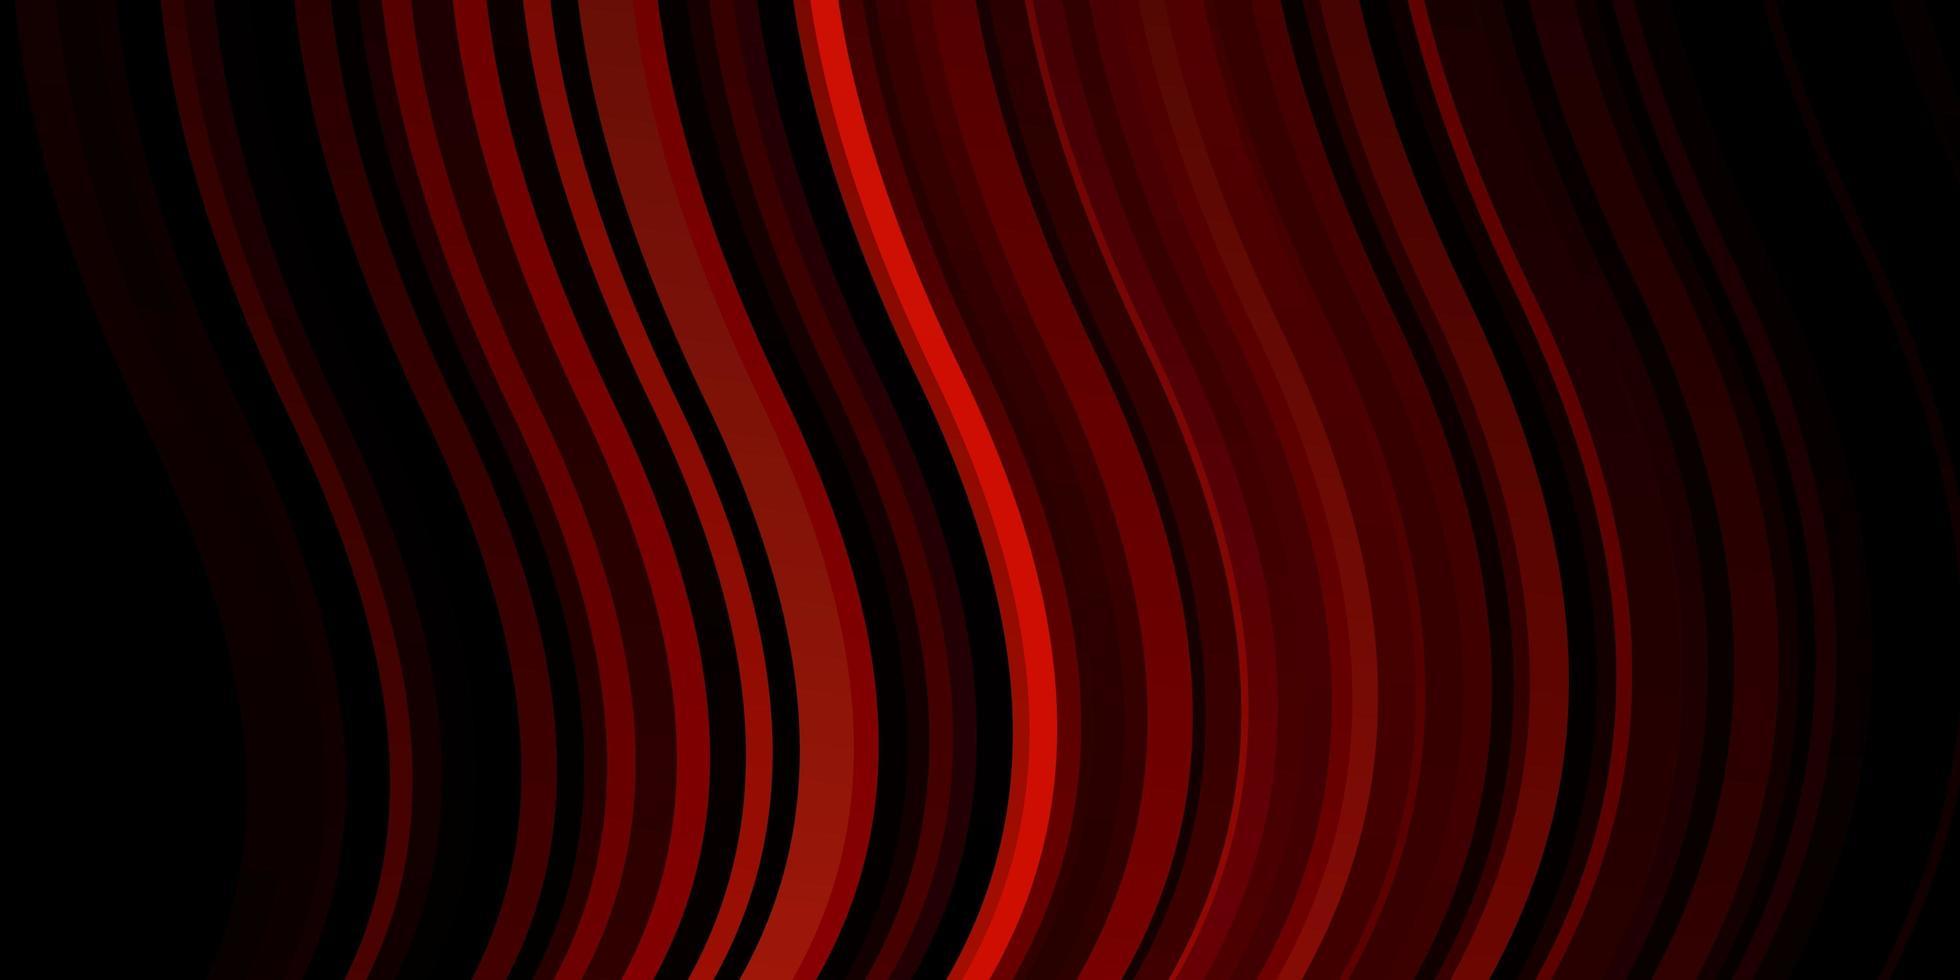 dunkelrosa, rote Vektorbeschaffenheit mit trockenen Linien. vektor